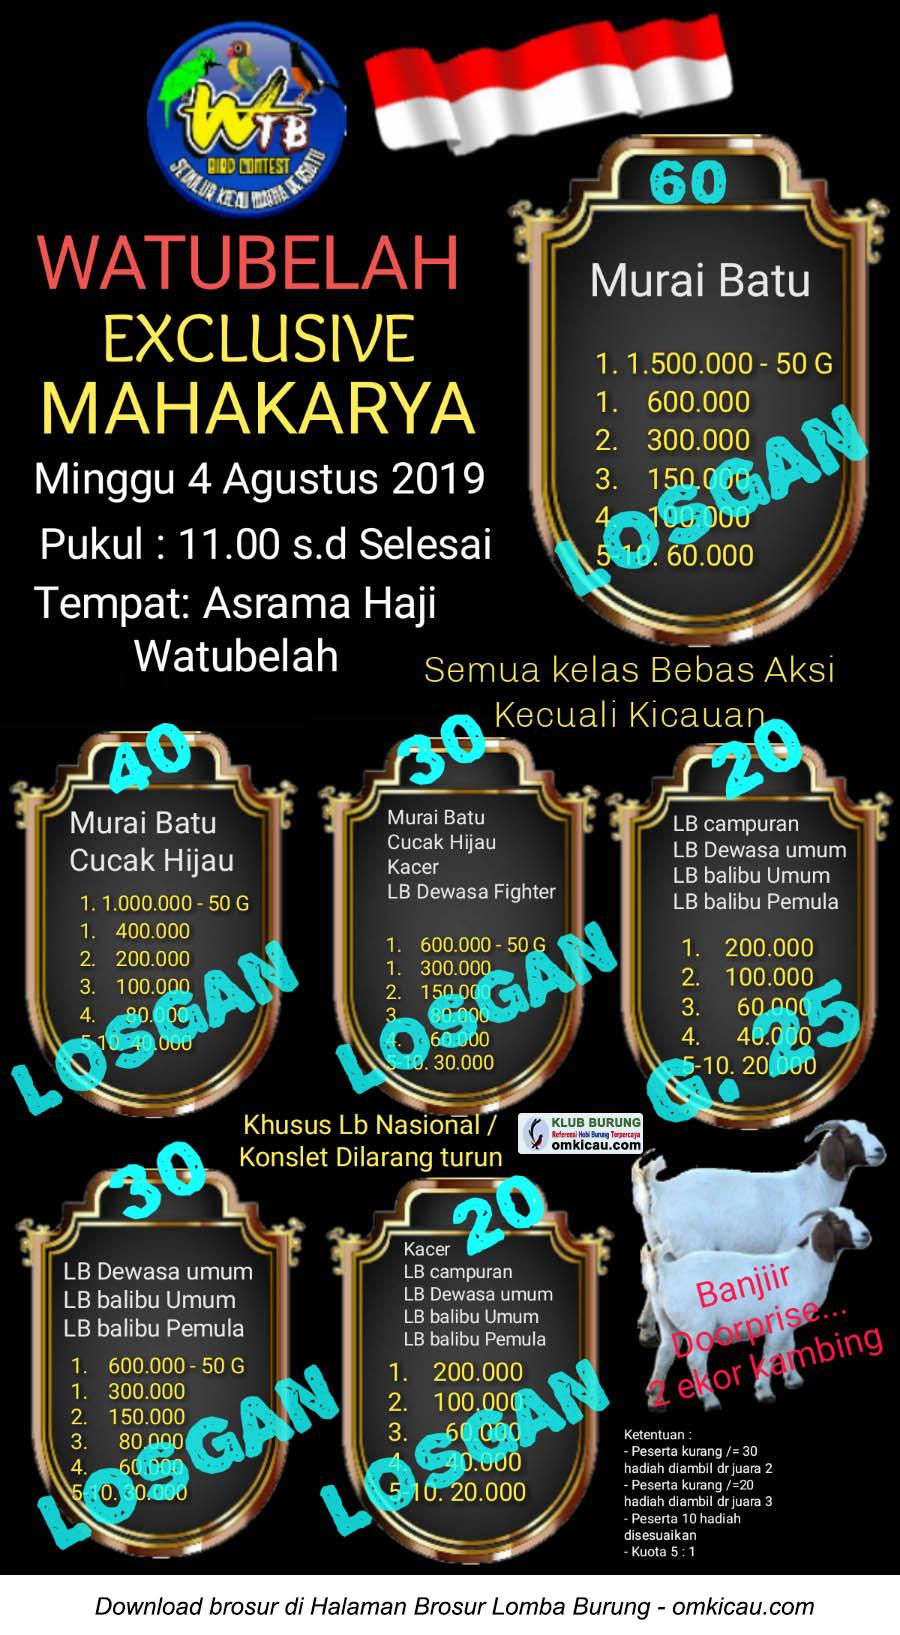 Watubelah Exclusive Mahakarya